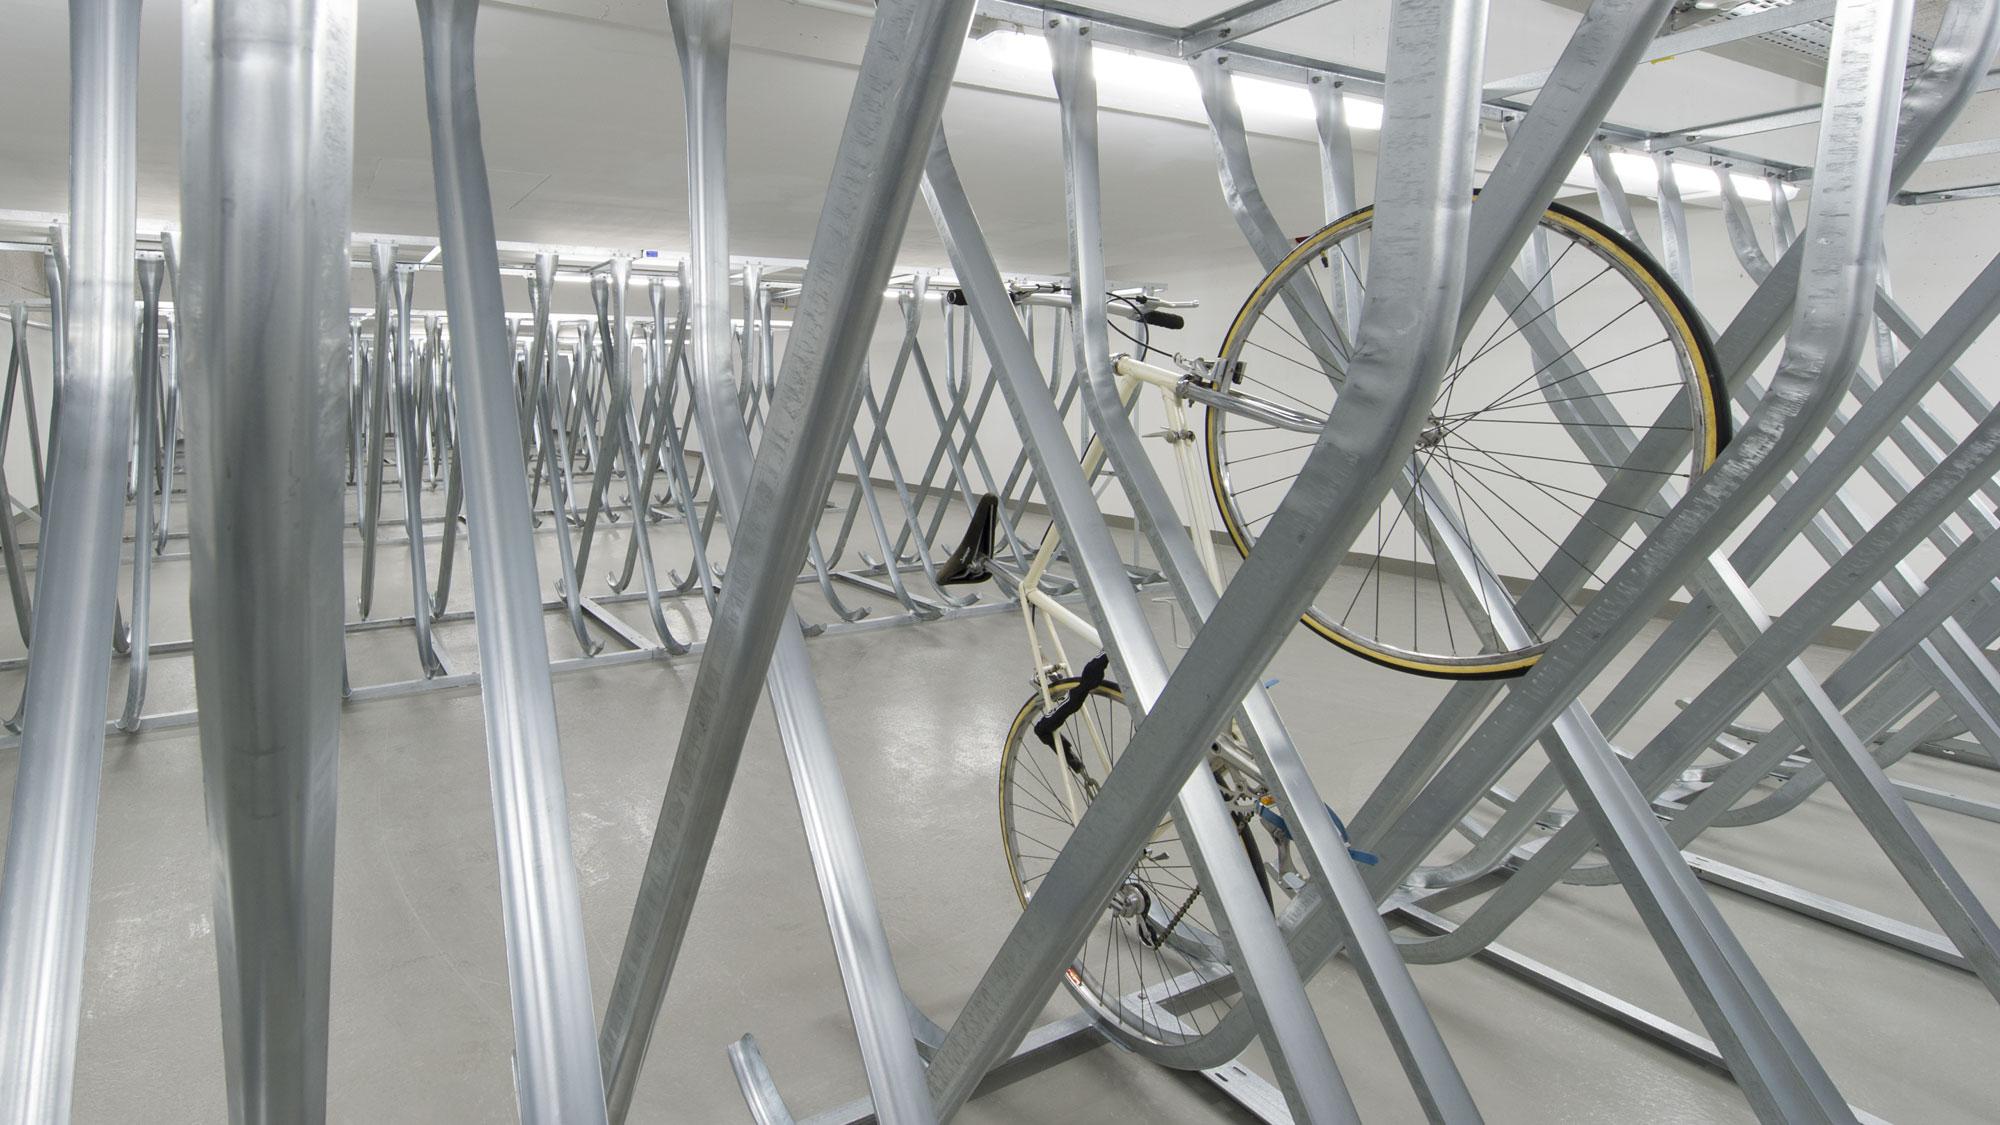 studiosus-4: Fahrradkeller